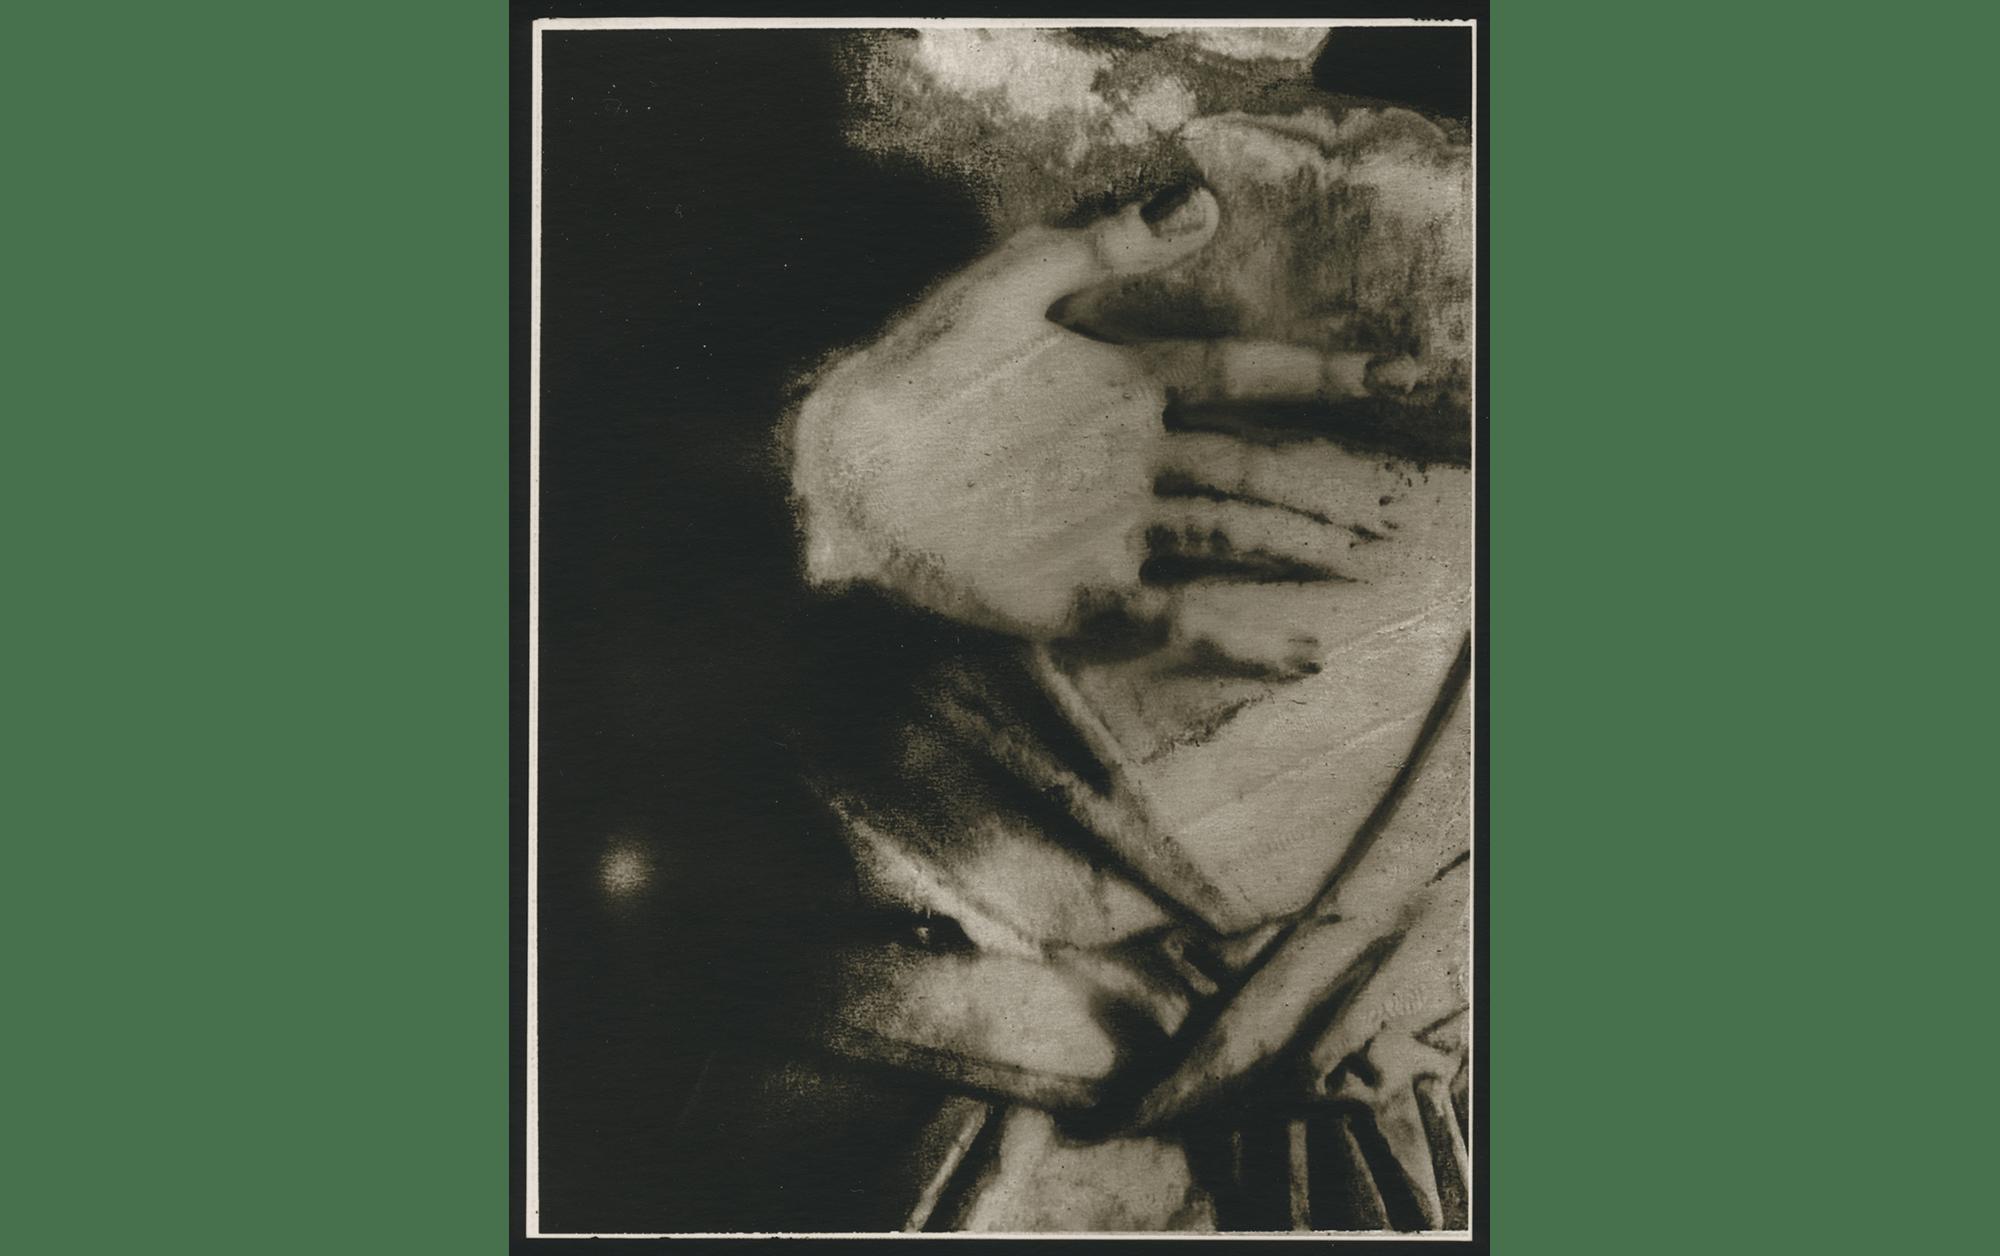 La main gelee, 2000